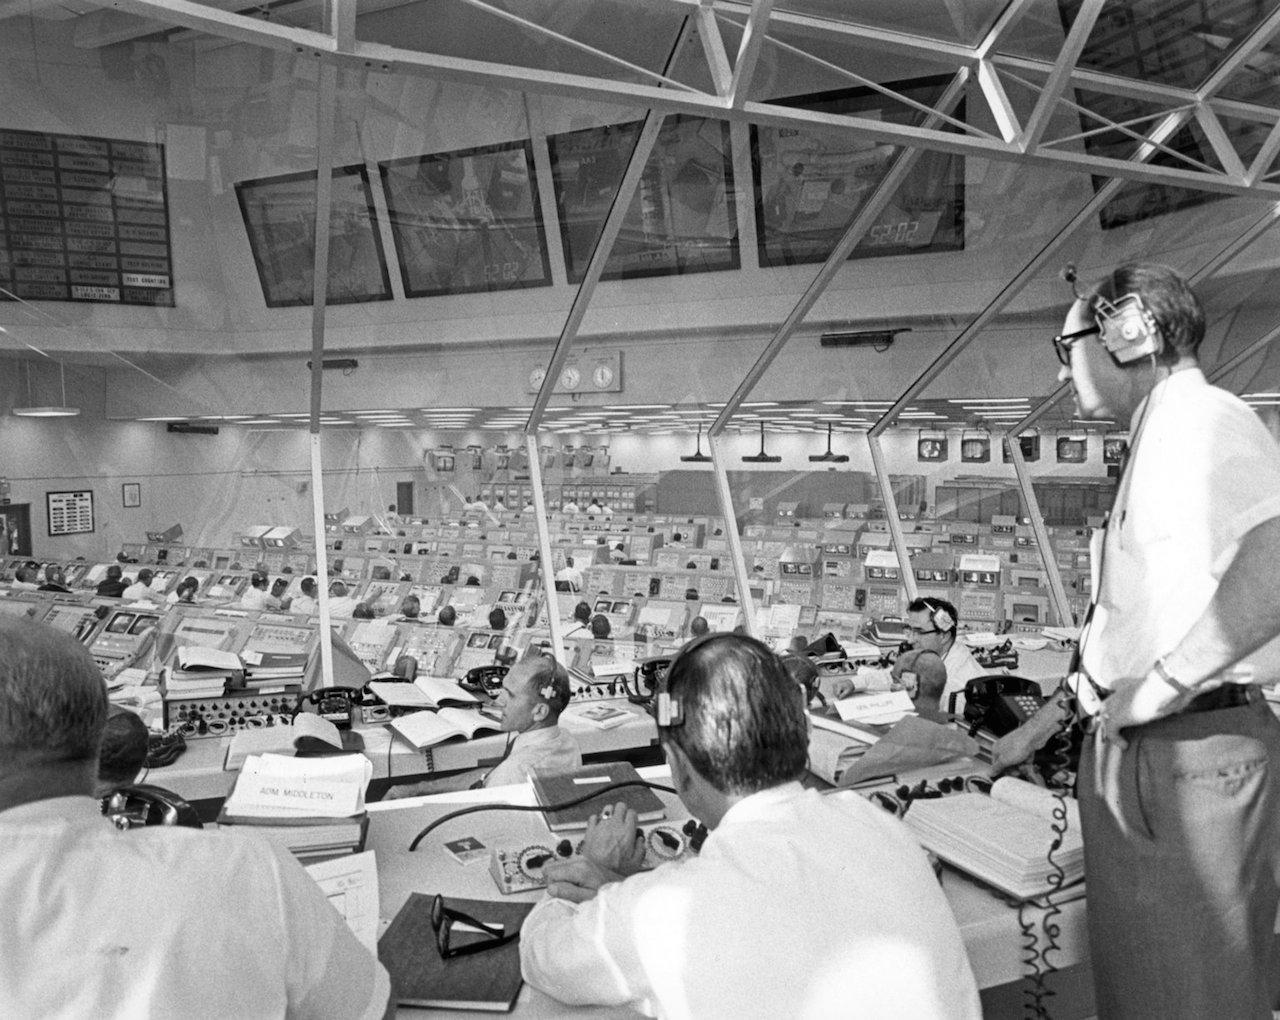 Apollo Director Phillips monitors Apollo 11 pre-launch activities at Mission Control (July 16, 1969) (via NASA)